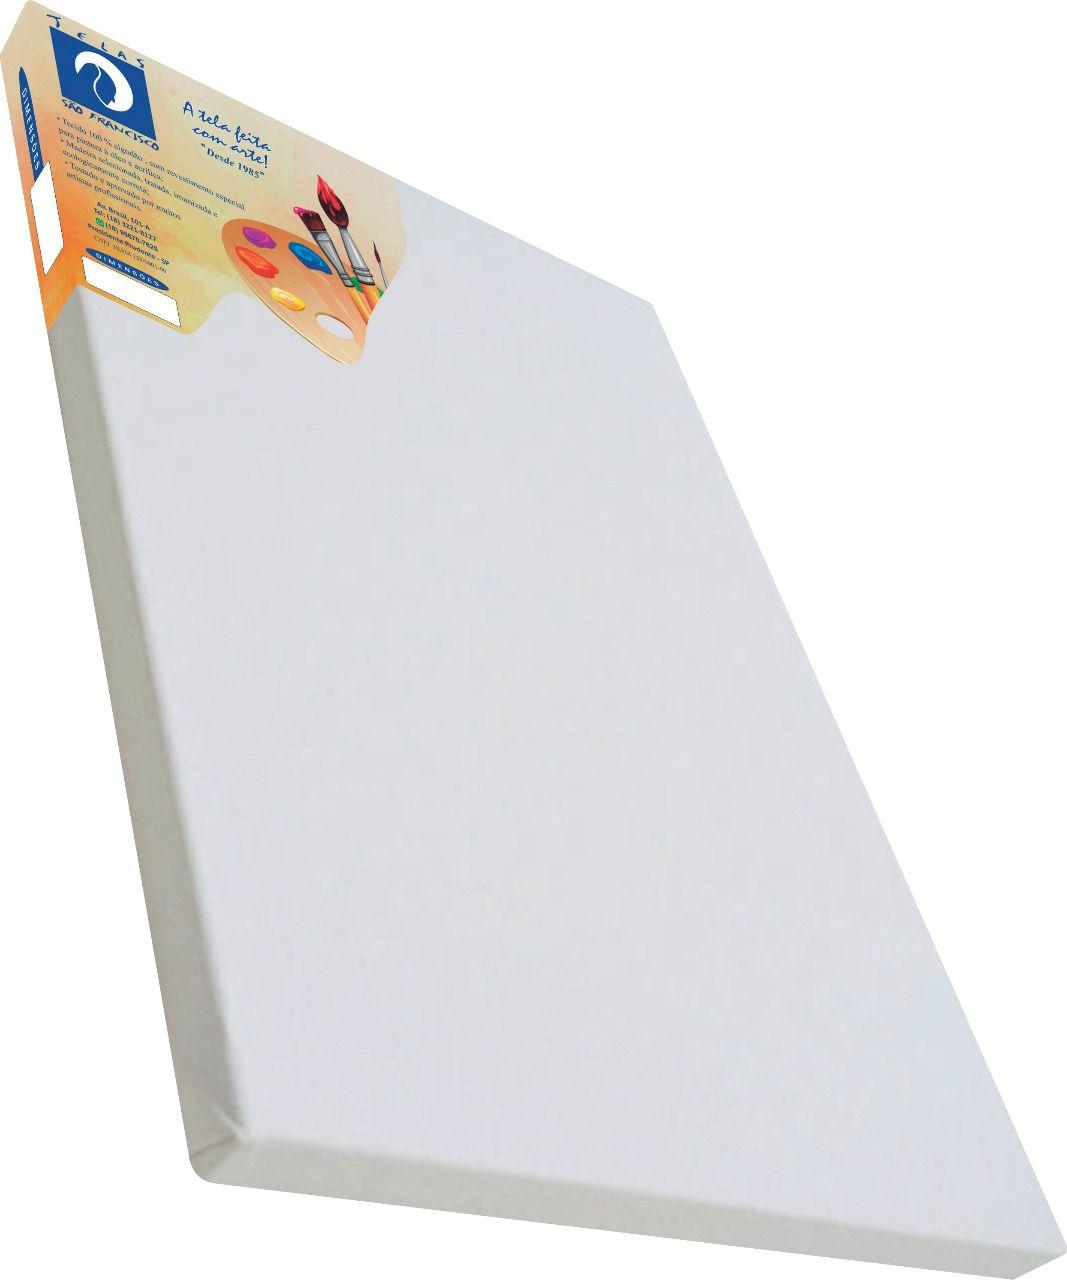 Tela comum para pintura 10x10cm - São Francisco